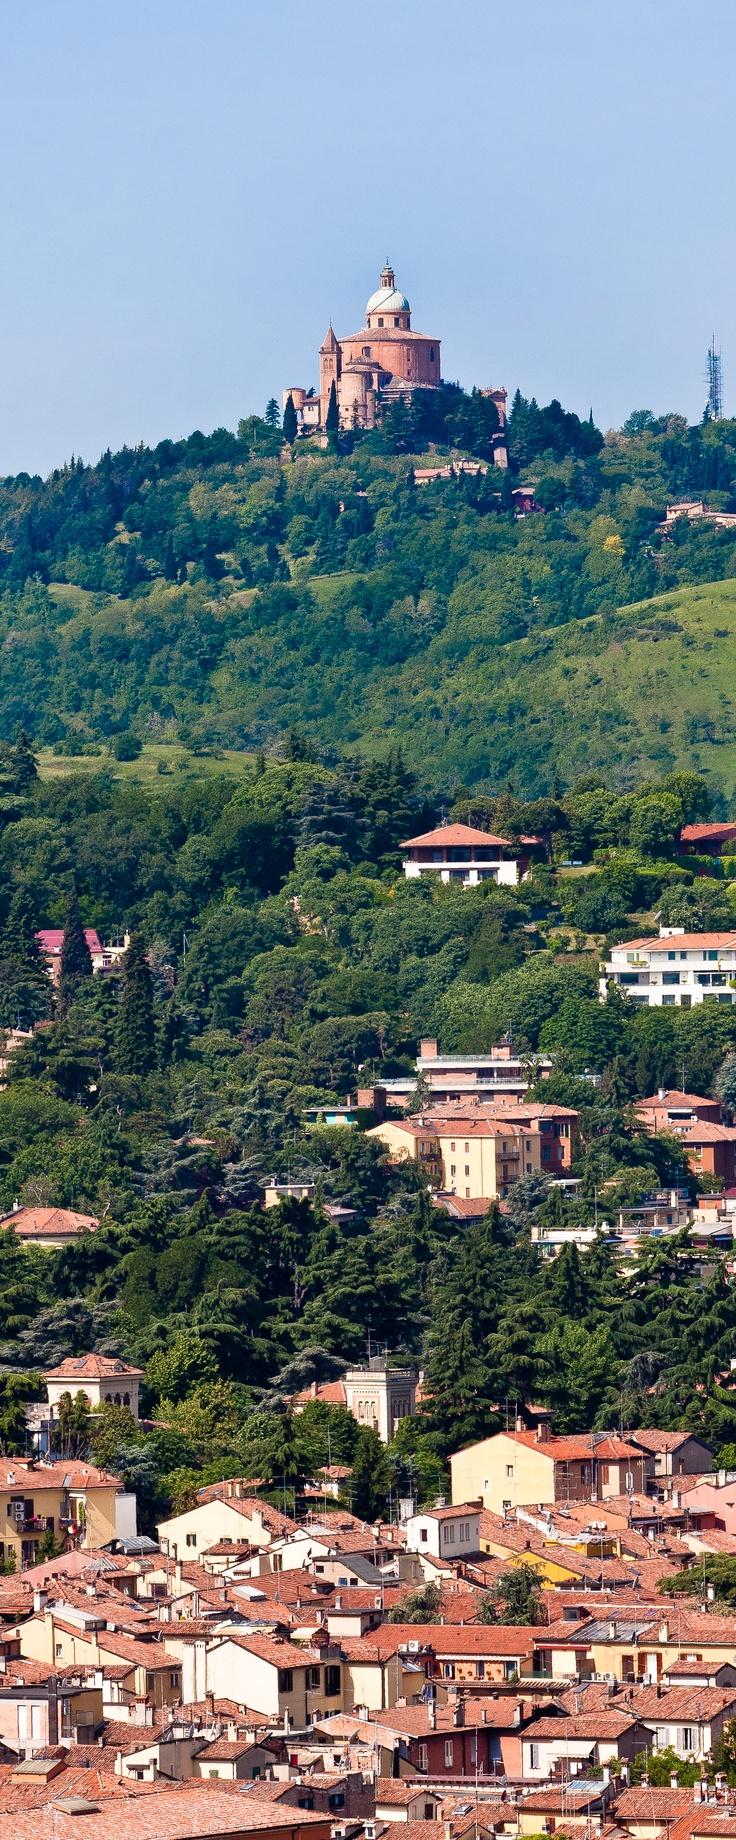 #Bologna - Adelini Riccardo - Cattedrale di San Luca vista dalla Torre degli Asinelli. Bologna - Cathedral of Saint Luke seen from the Torre degli Asinelli. #Italy